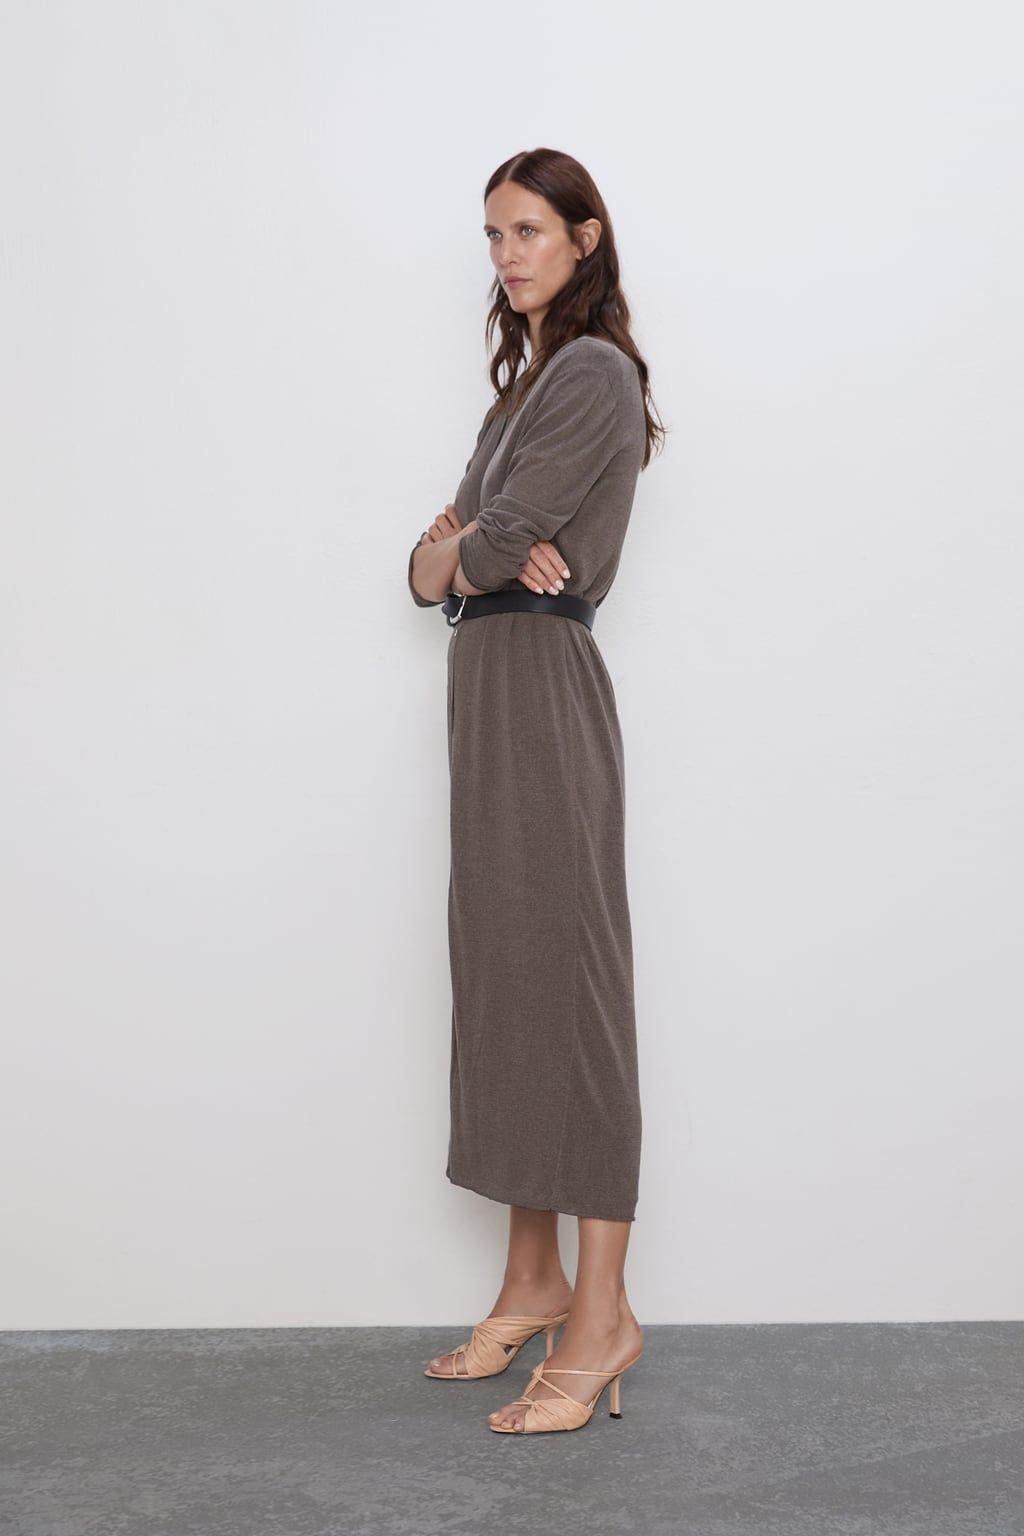 Vestido largo y chaqueta de Zara Zara ropa de tendencia otoño